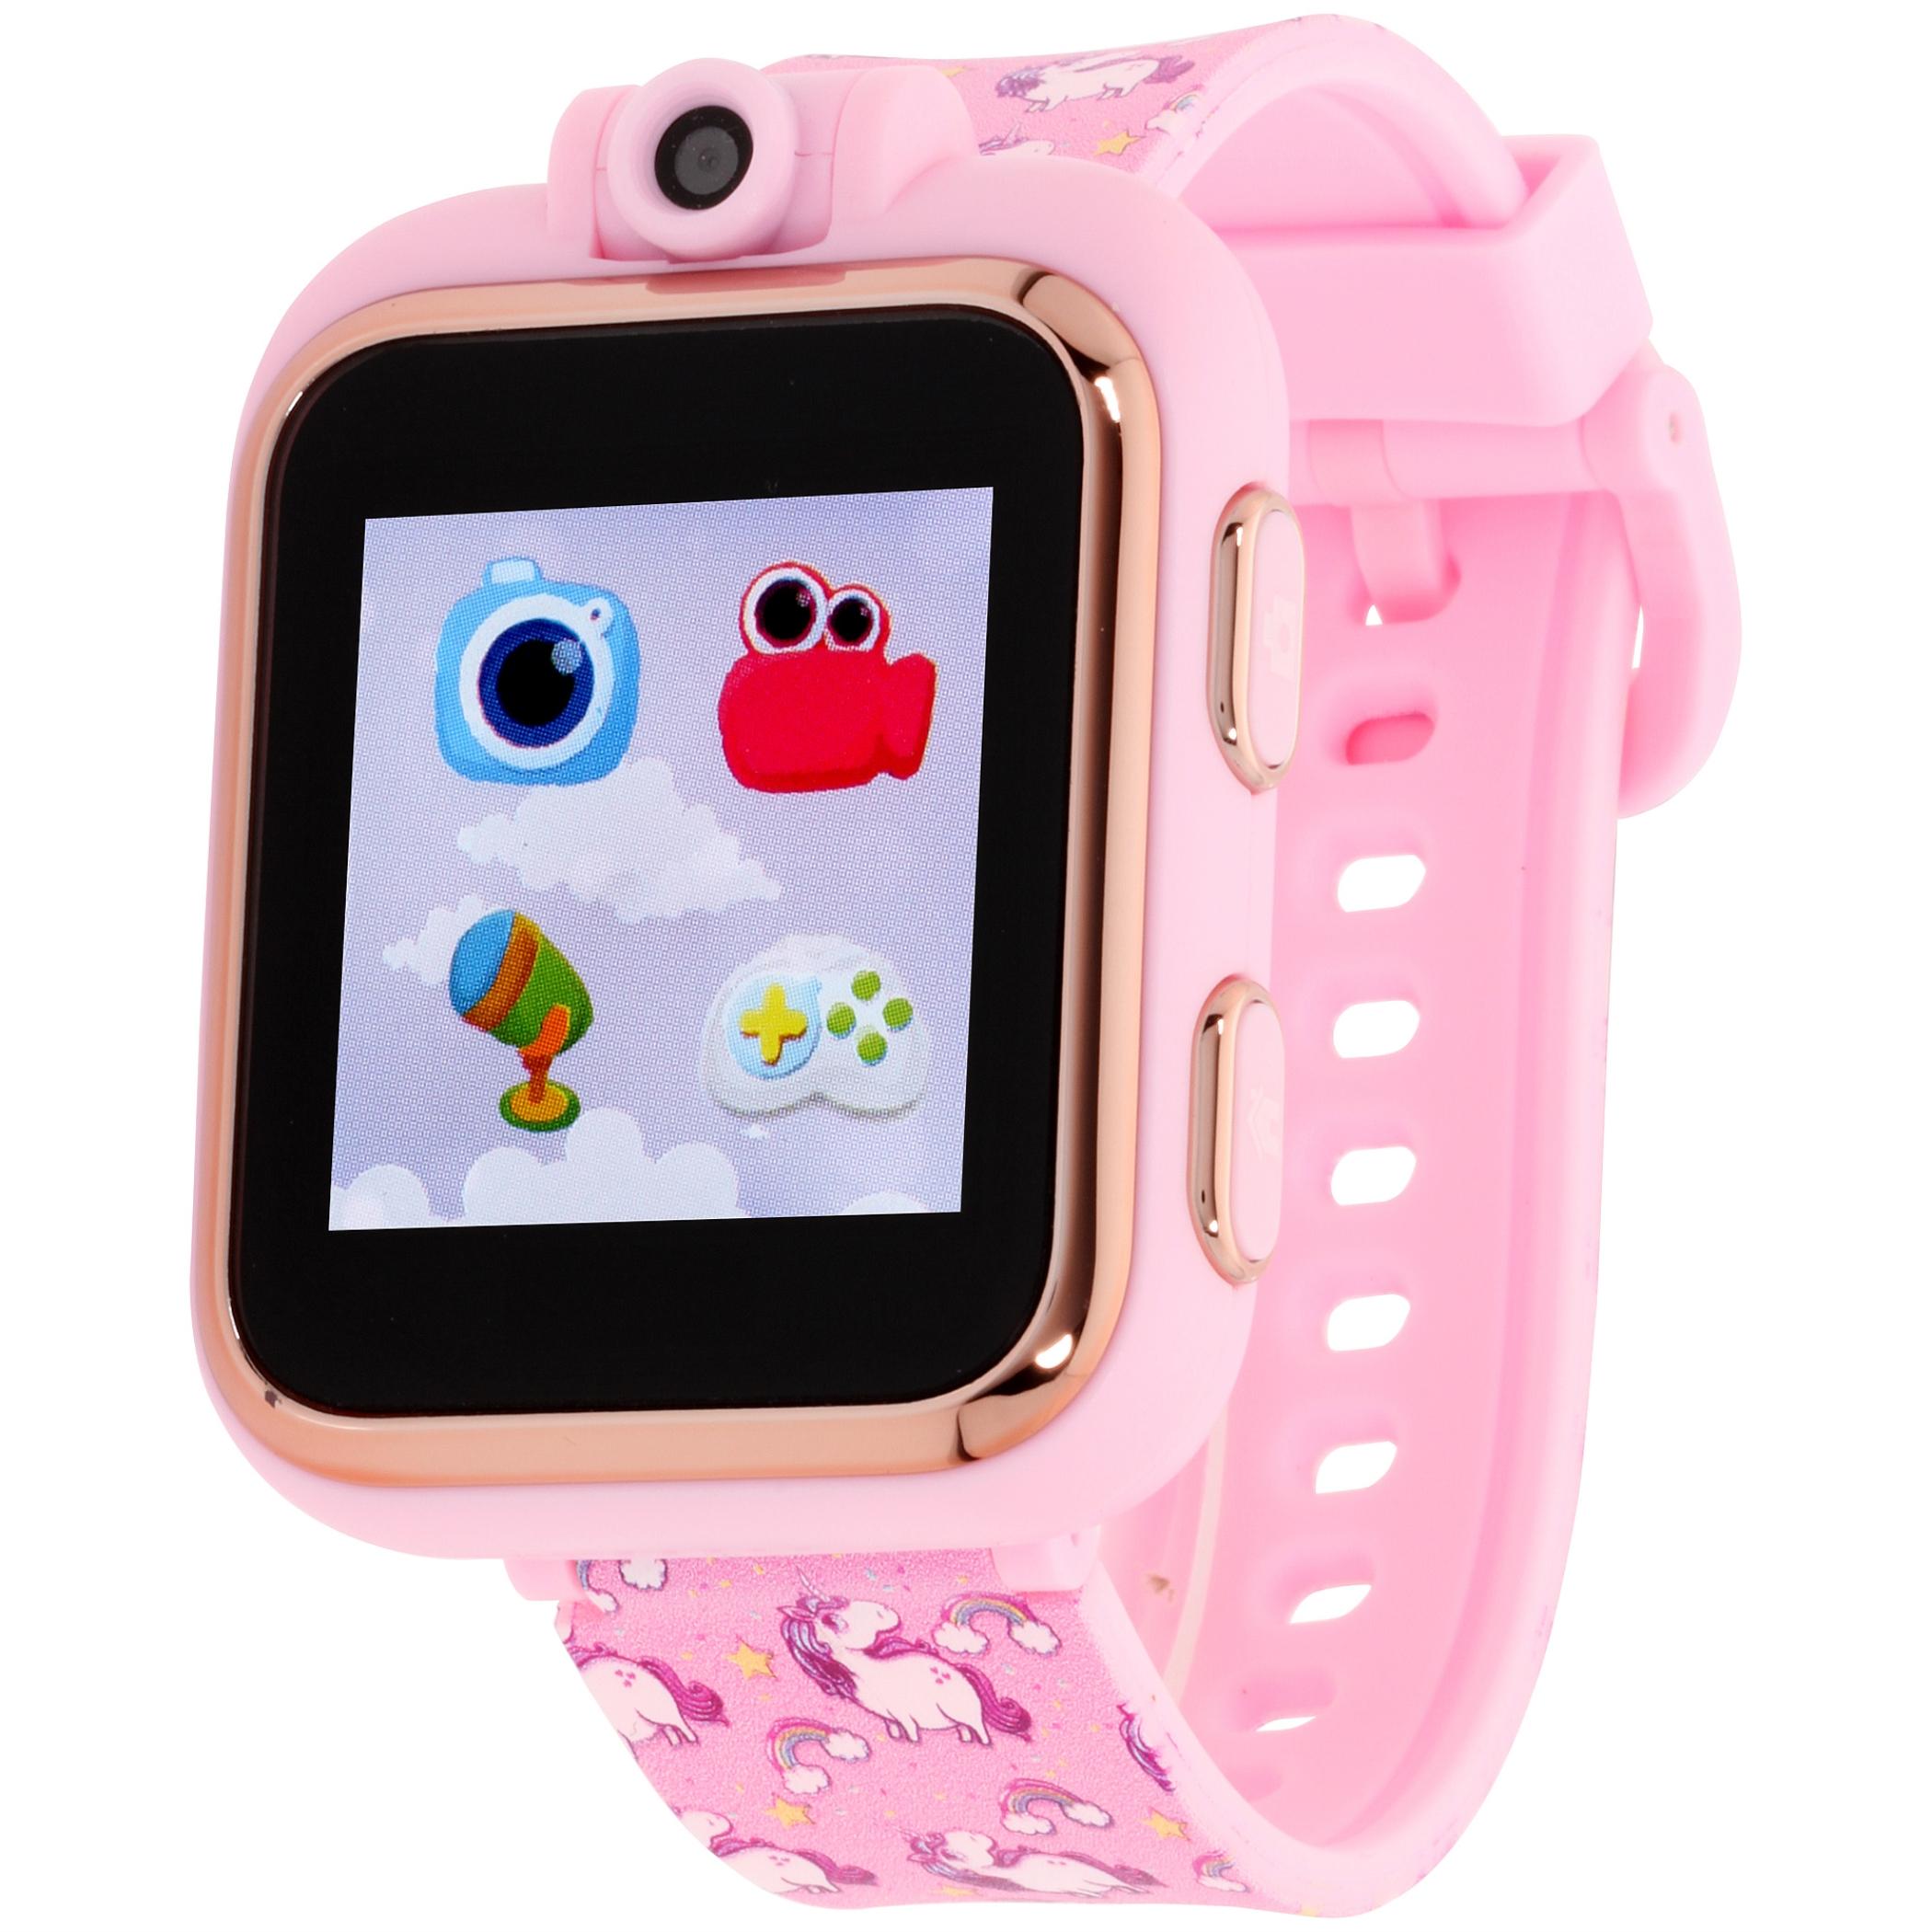 iTouch Playzoom Kids Smart Watch Blush Hearts Pattern